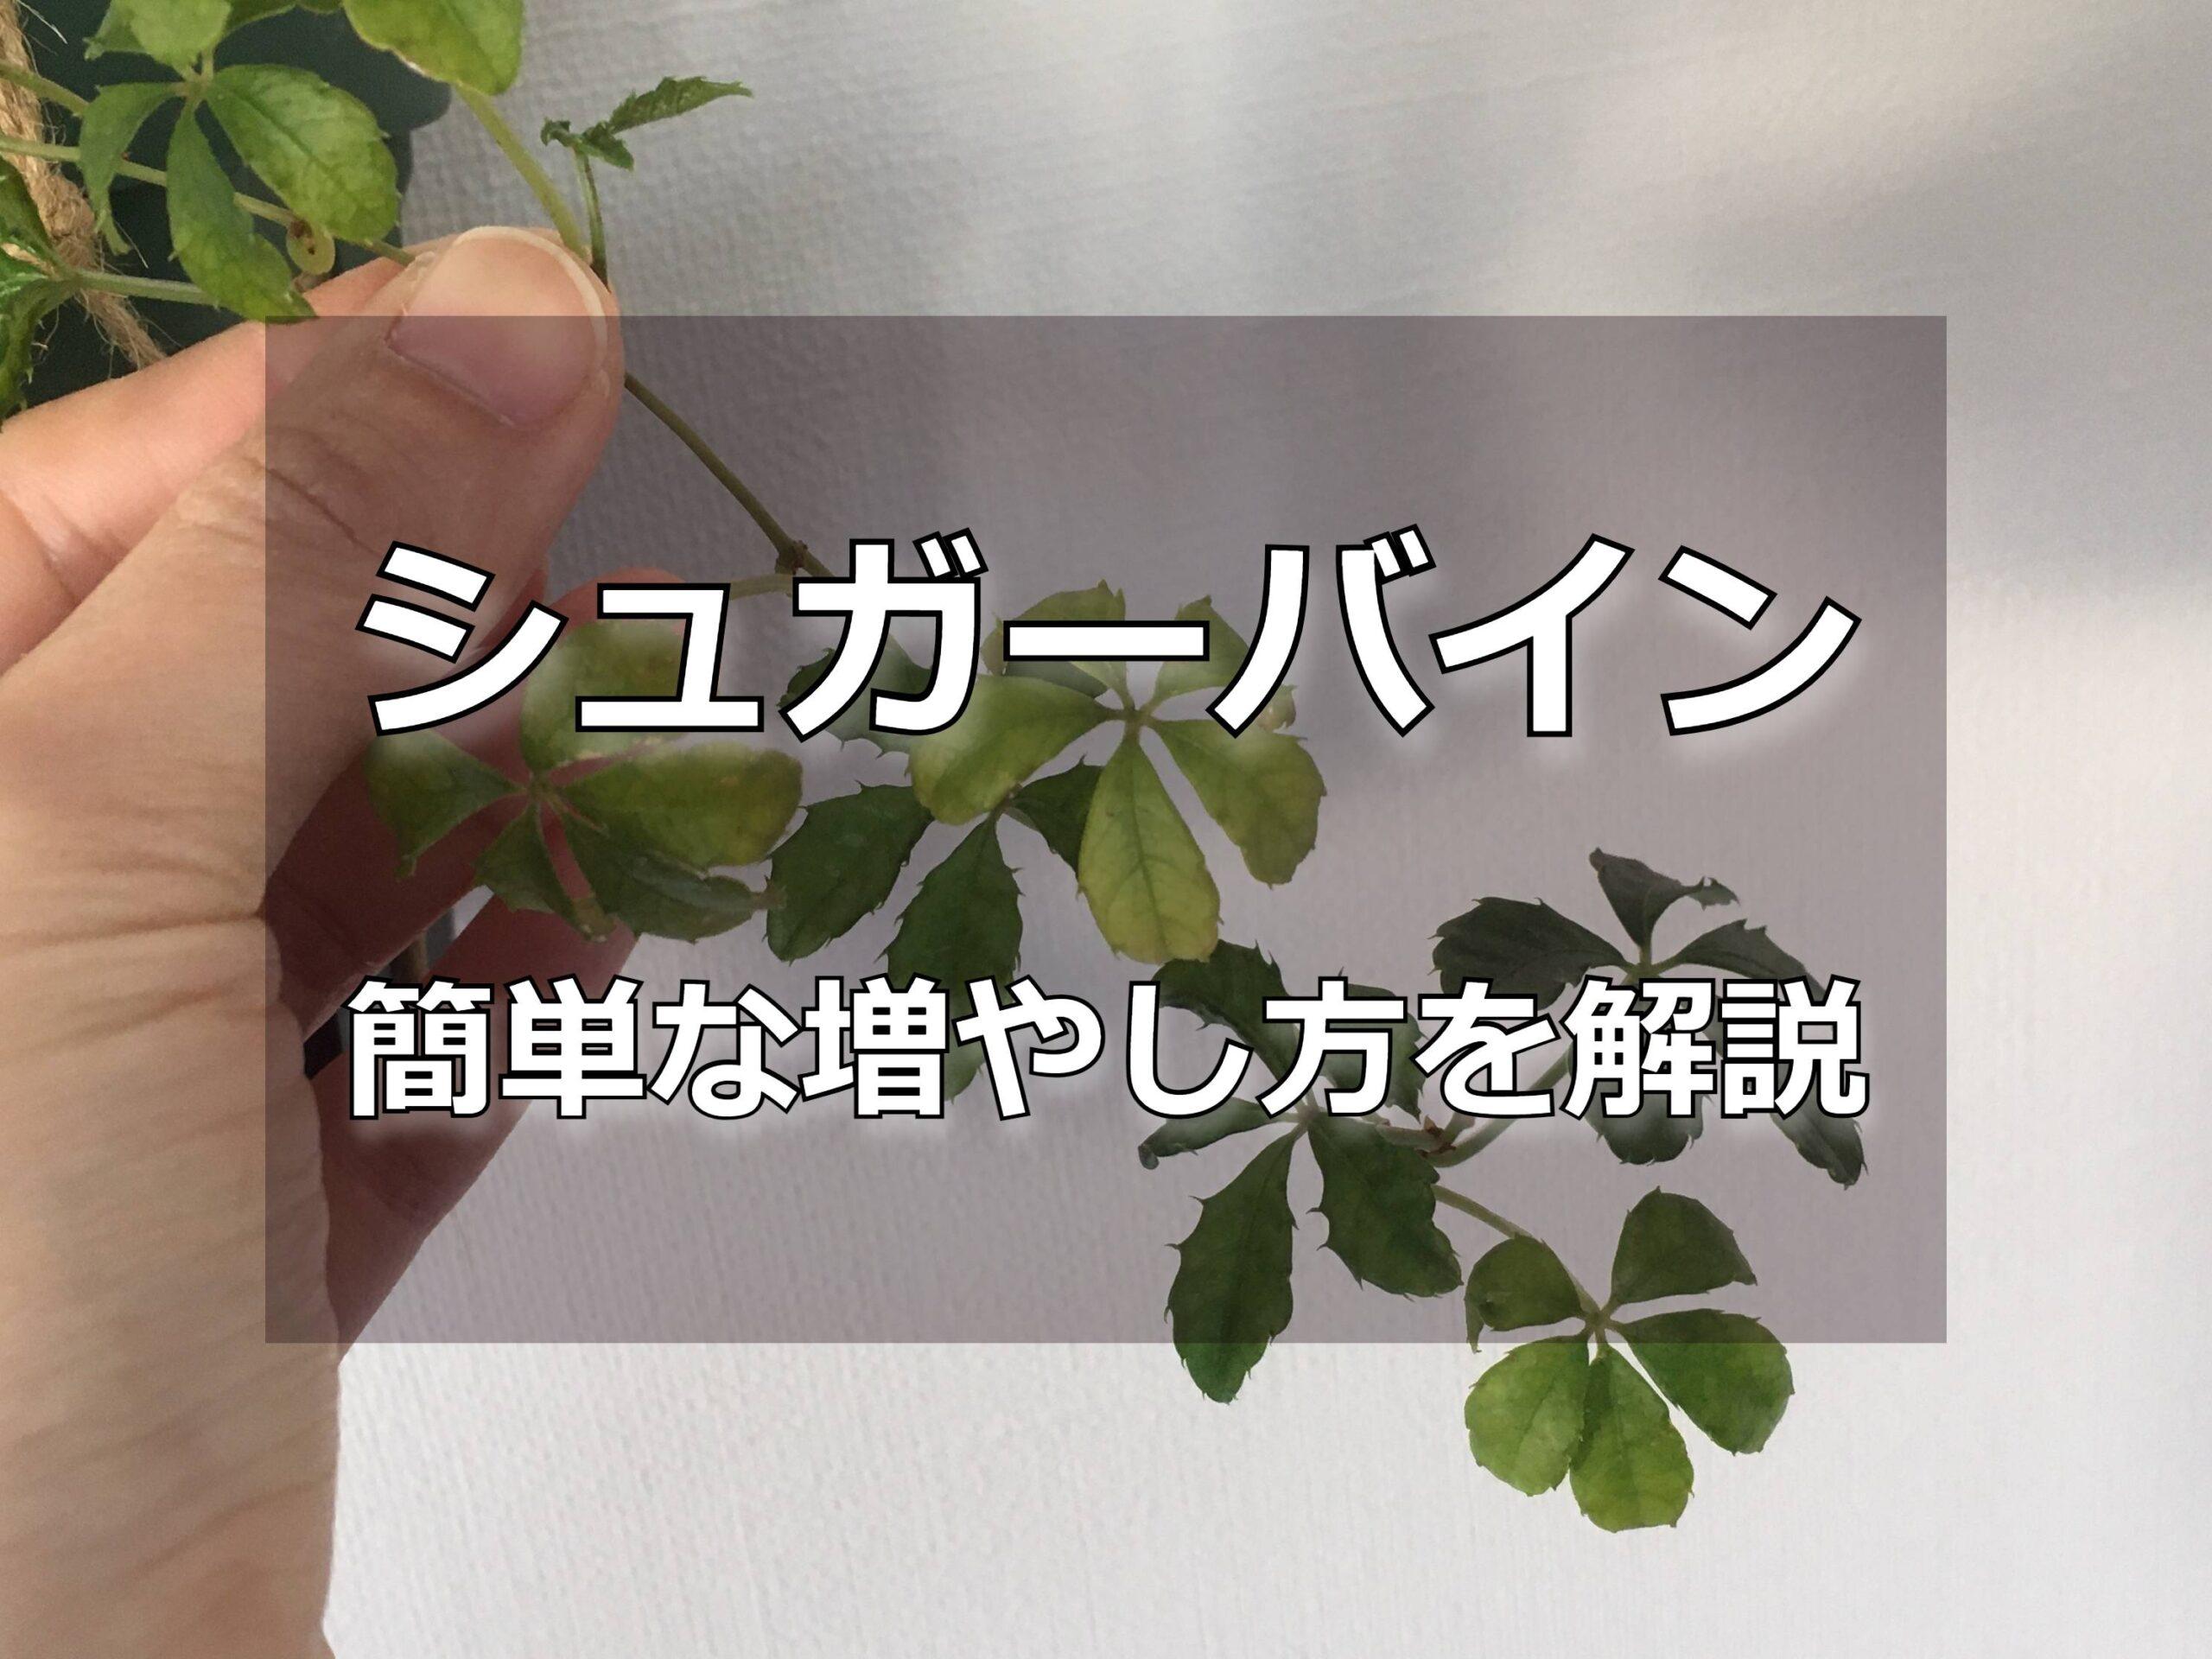 シュガーバインの葉っぱ